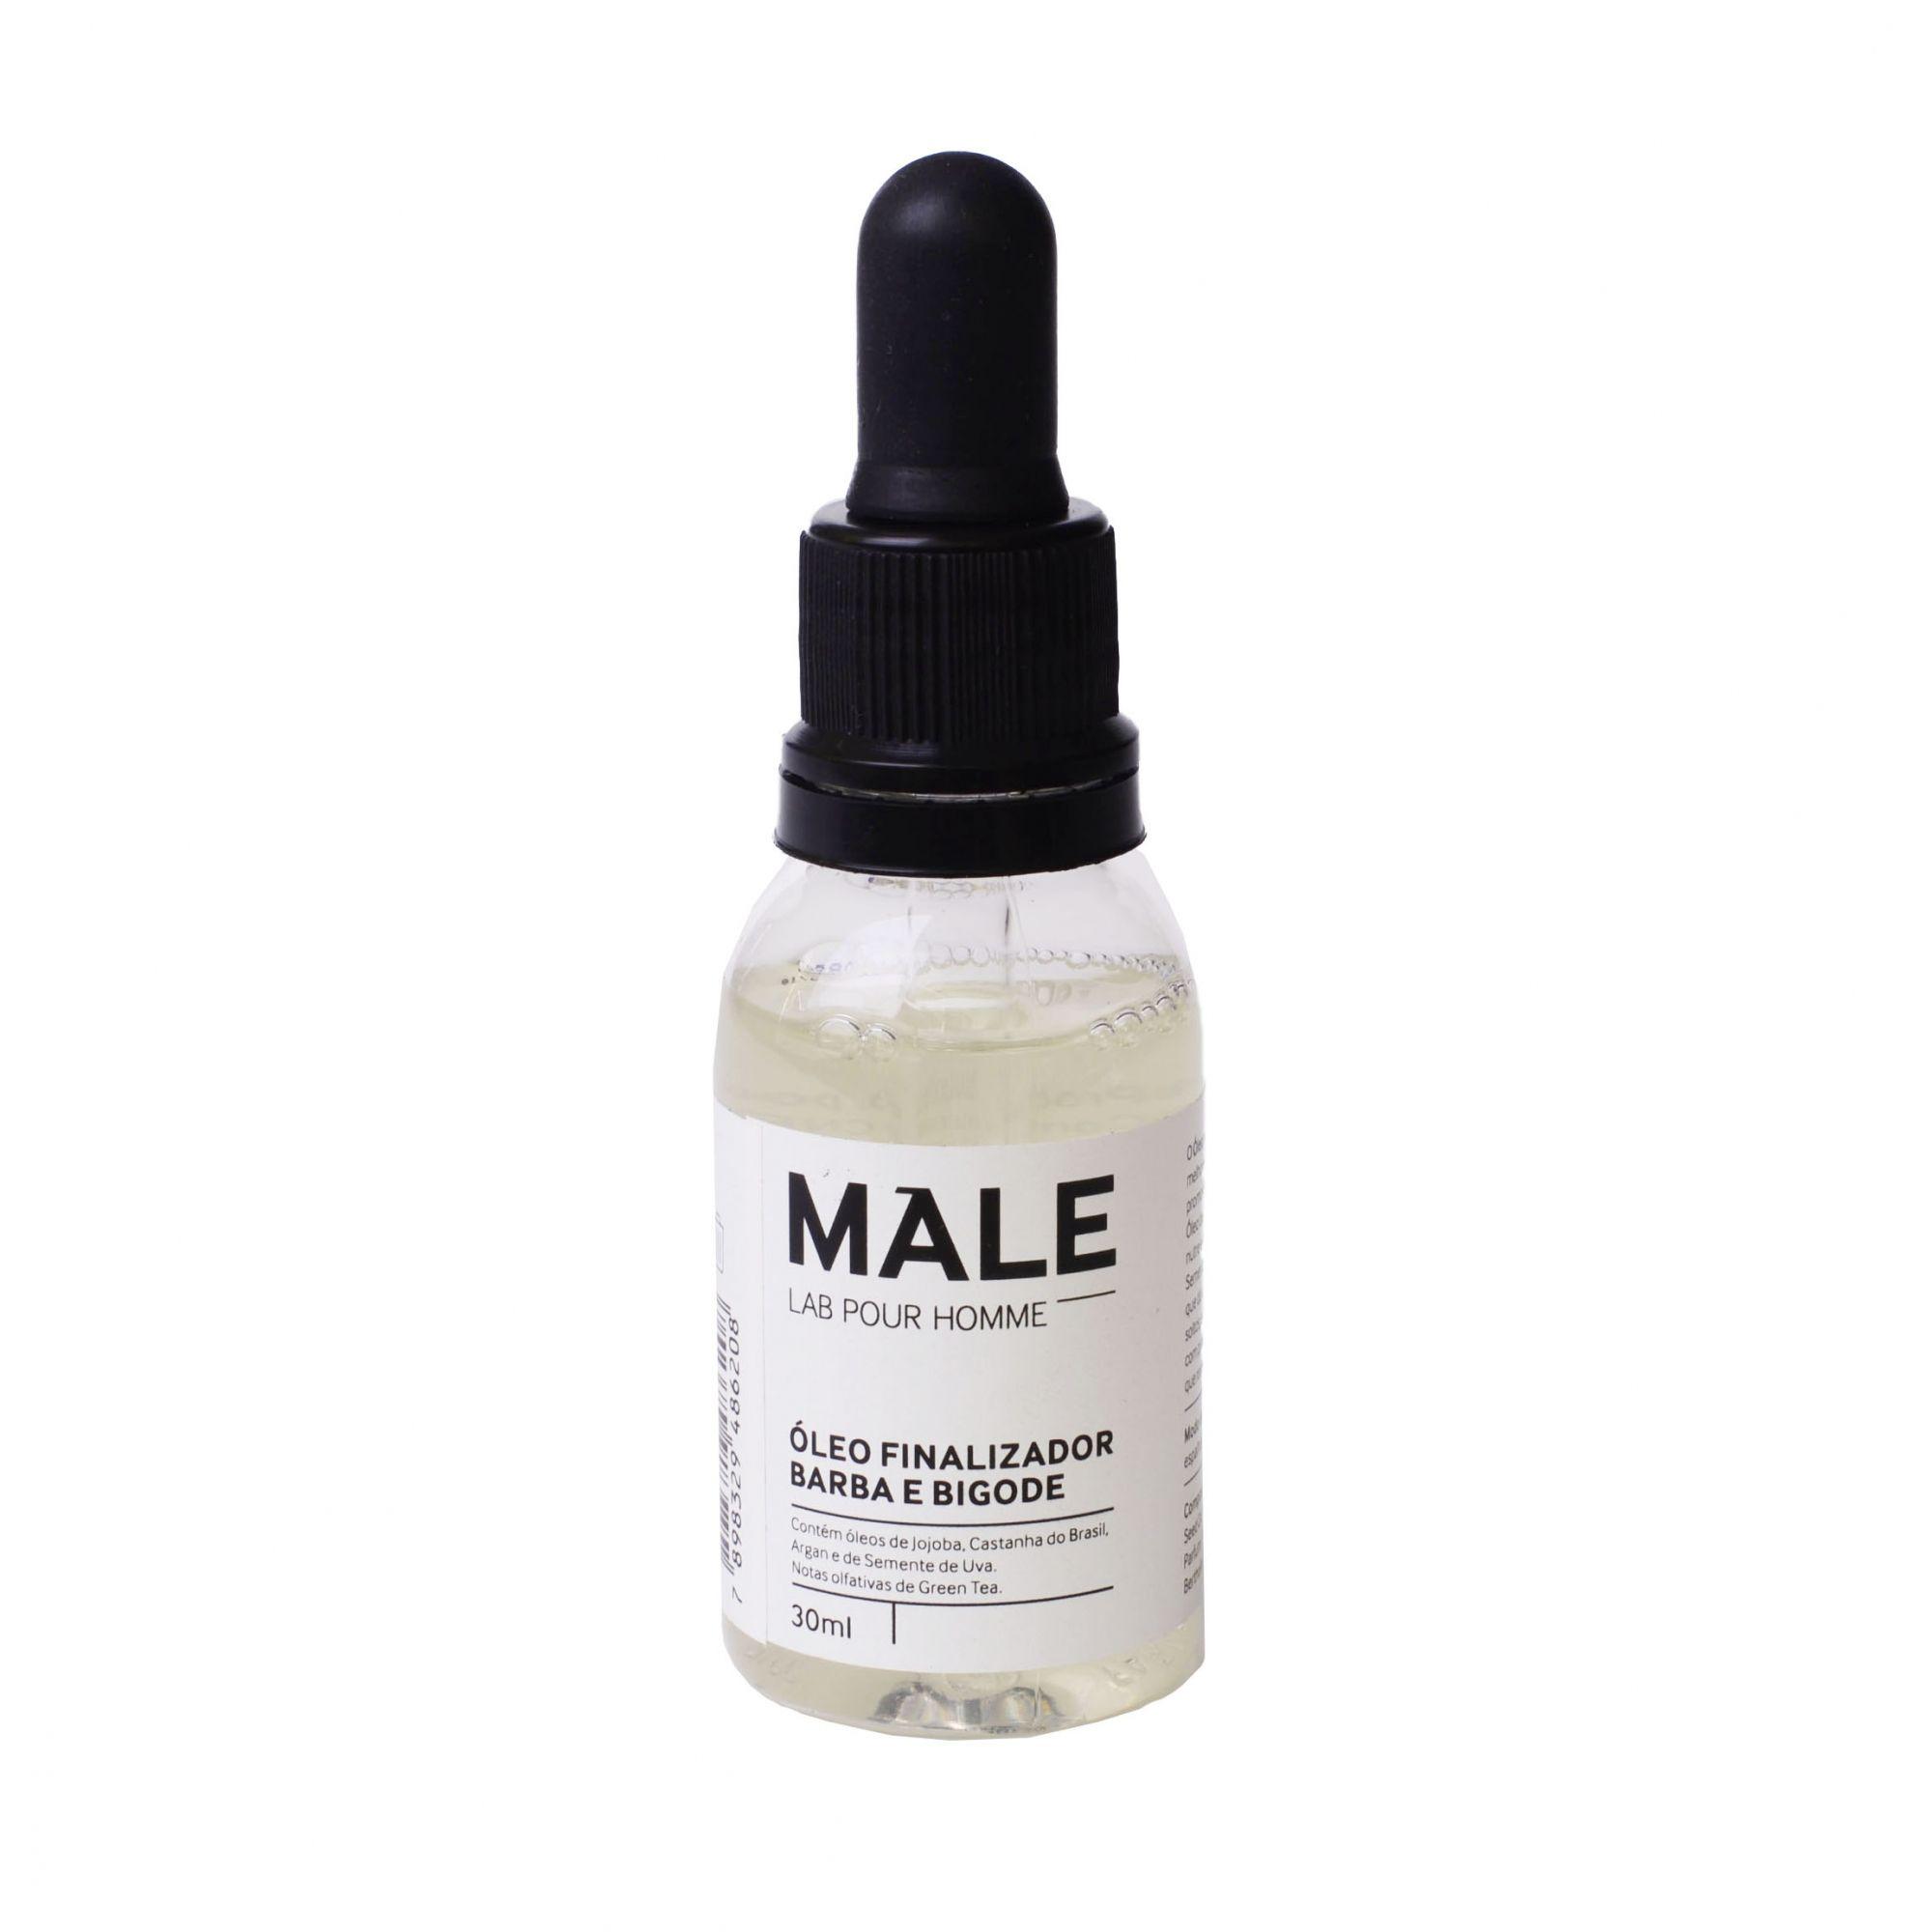 Óleo Finalizador Para Barba e Bigode   Male Lab Pour Homme